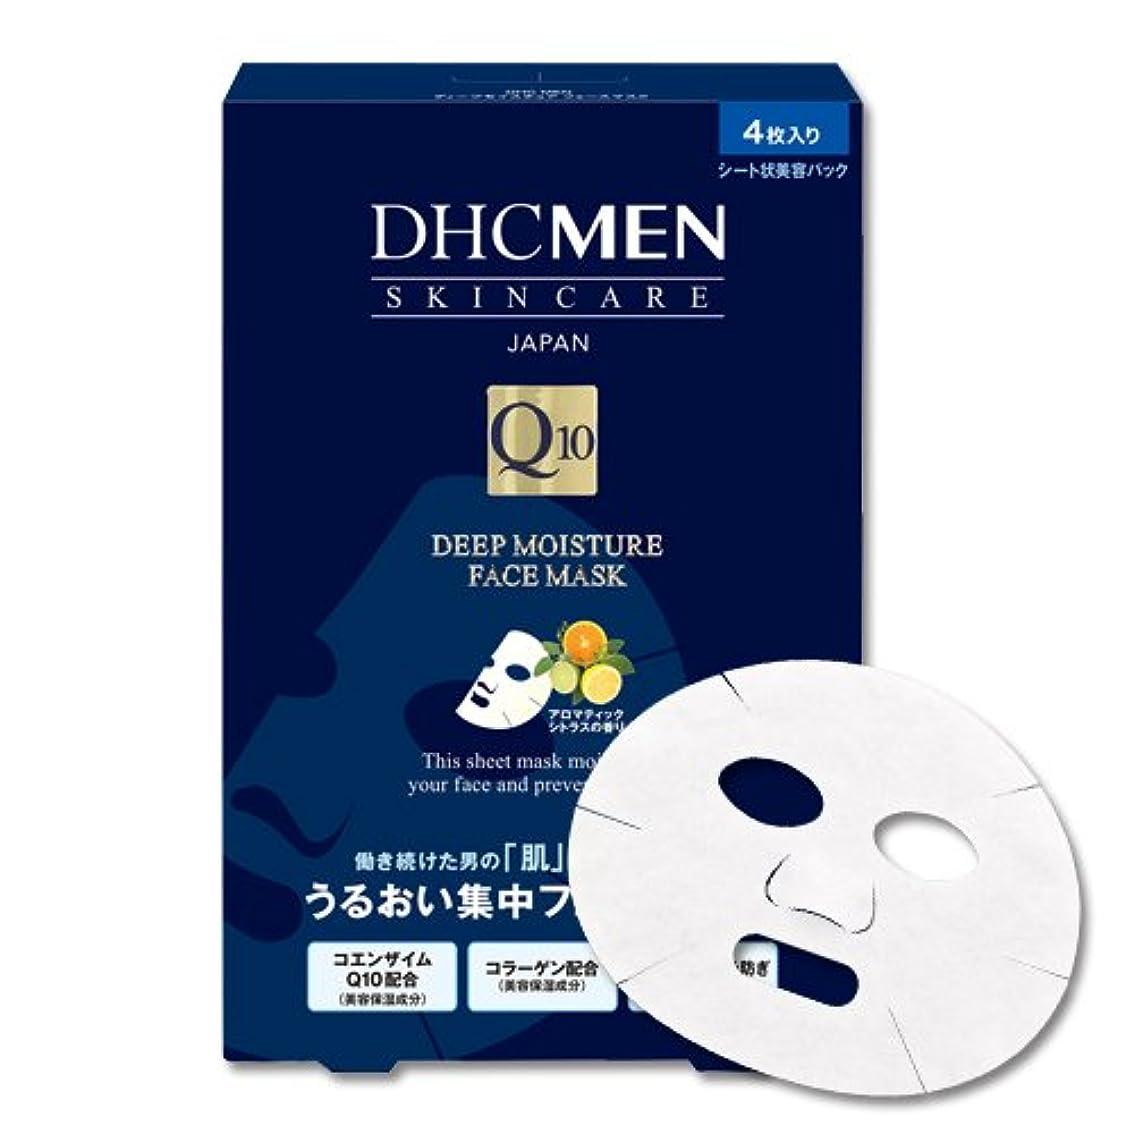 モール賞賛する記者DHC MEN ディープモイスチュア フェースマスク